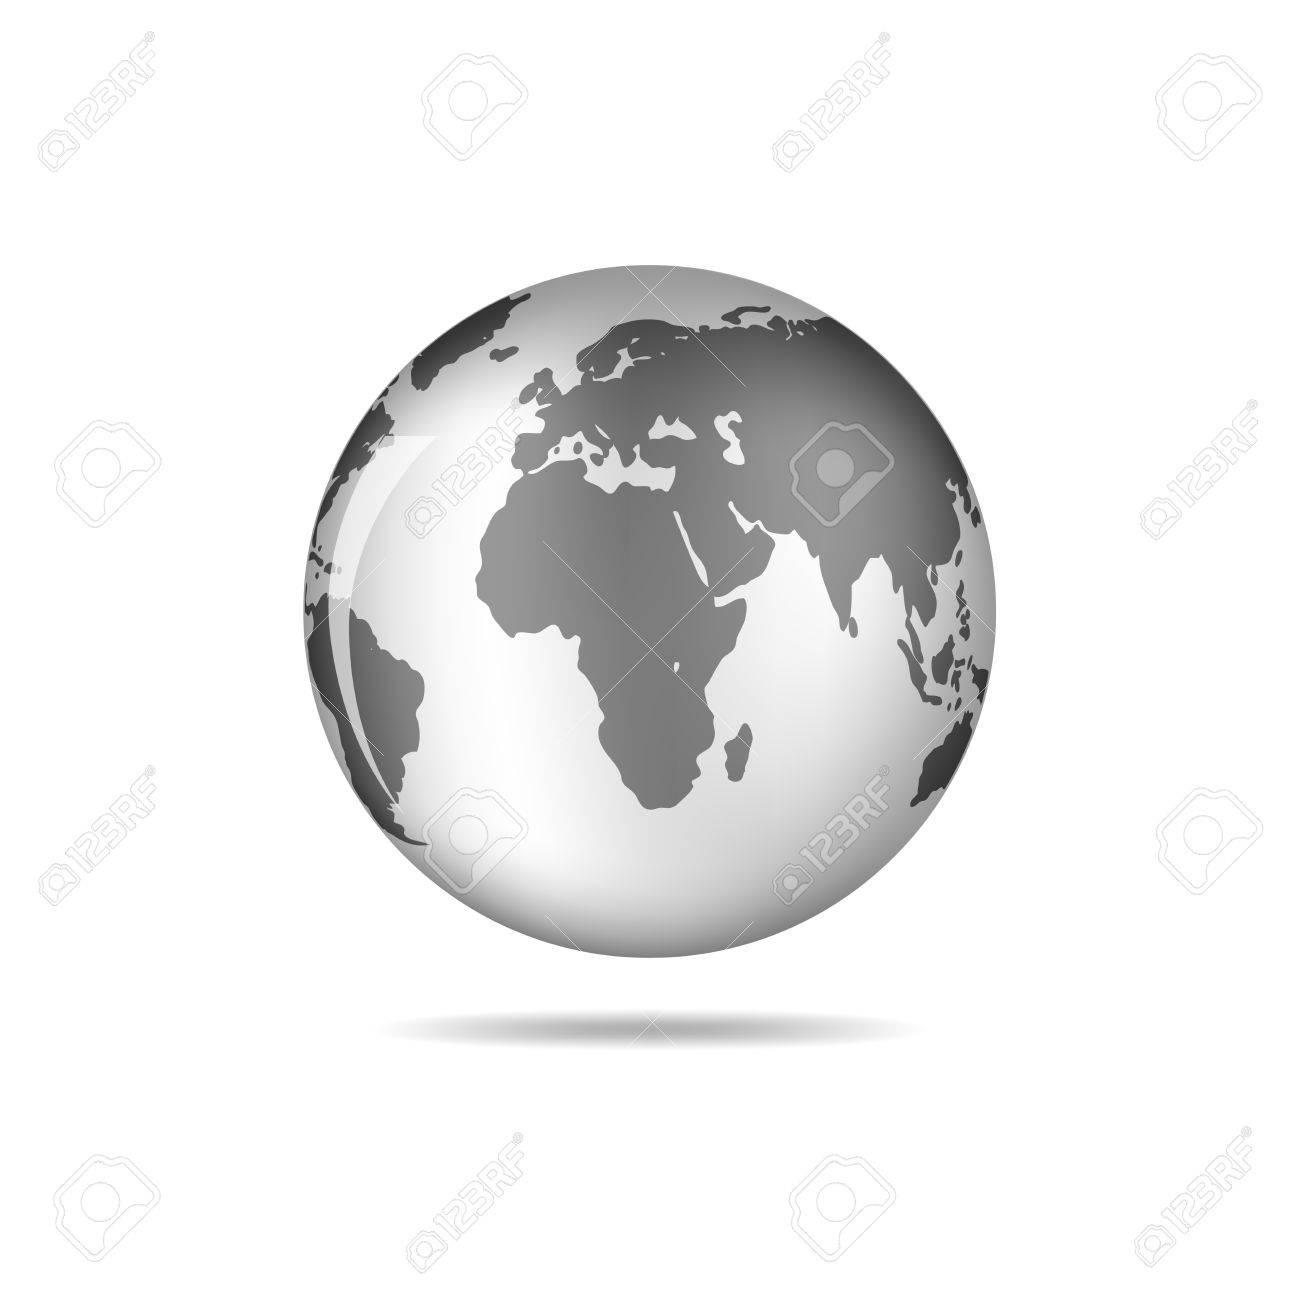 Schwarz-Weiß-Vektor-Earth-Globus Auf Weiß Isoliert. Schwarz ...